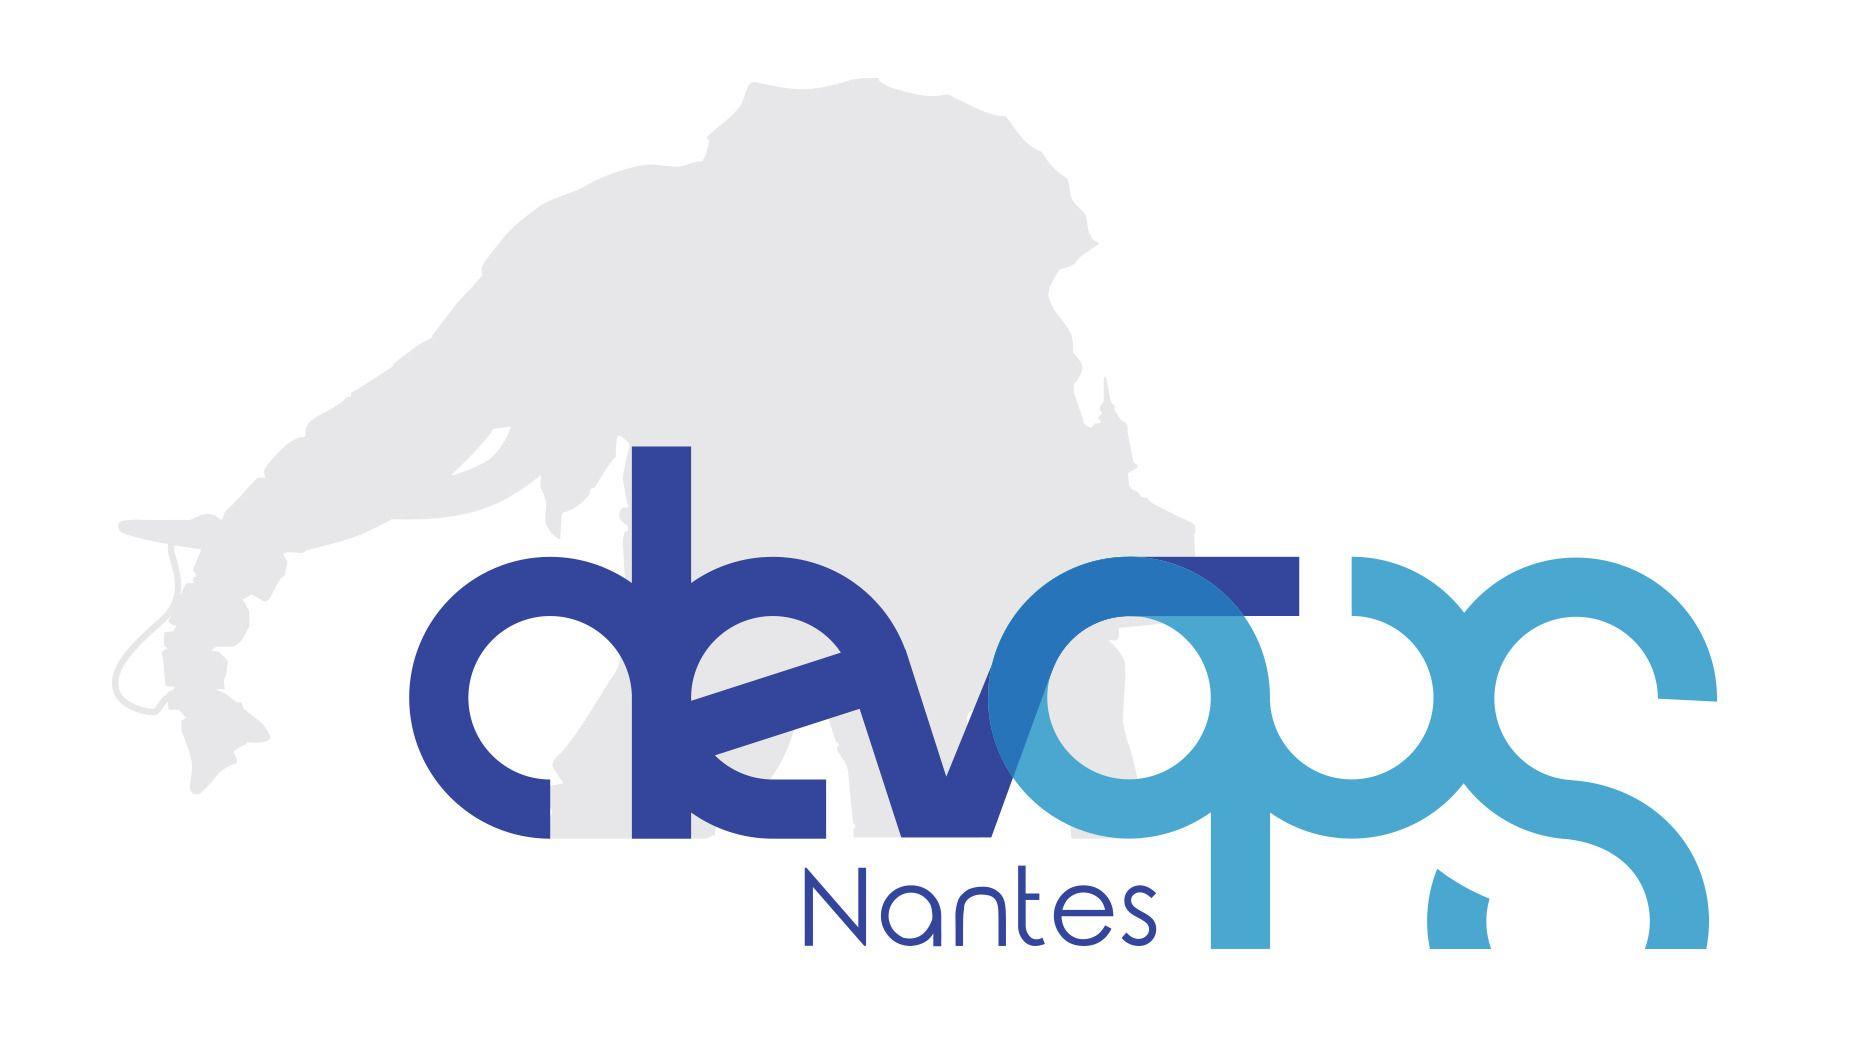 Nantes DevOps